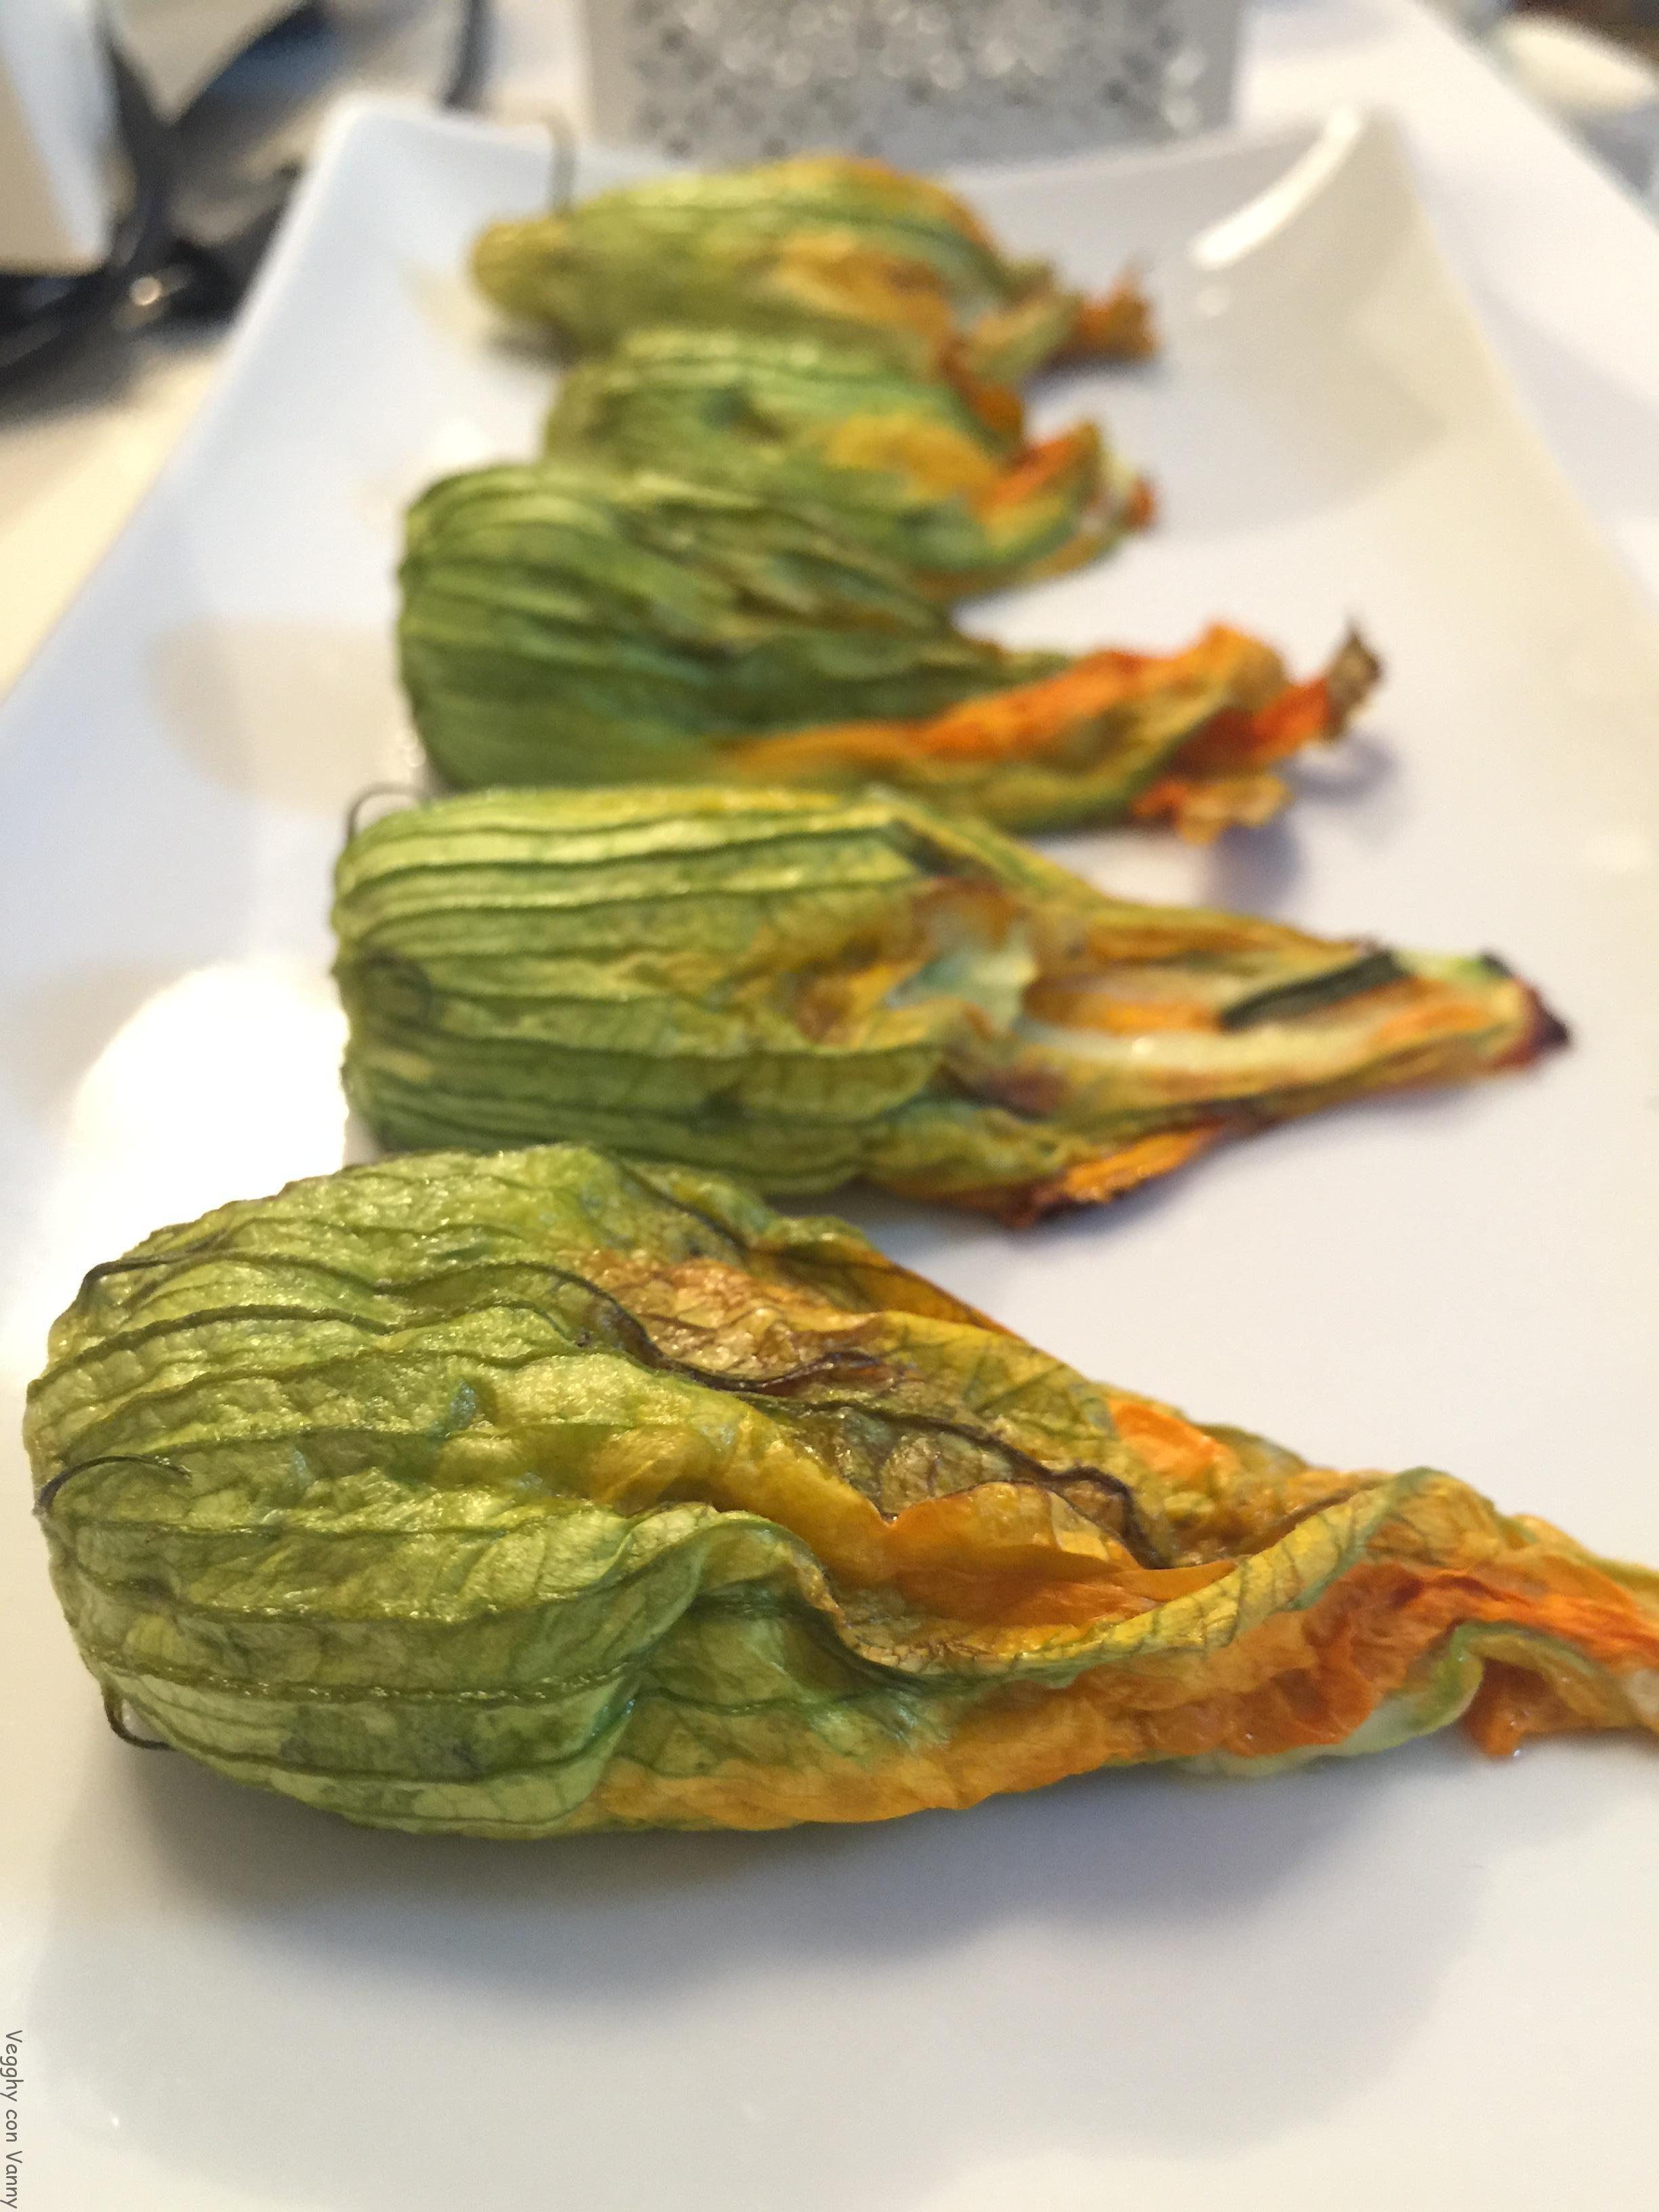 Fiori di zucca al forno ripieni di zucchine e erbe aromatiche